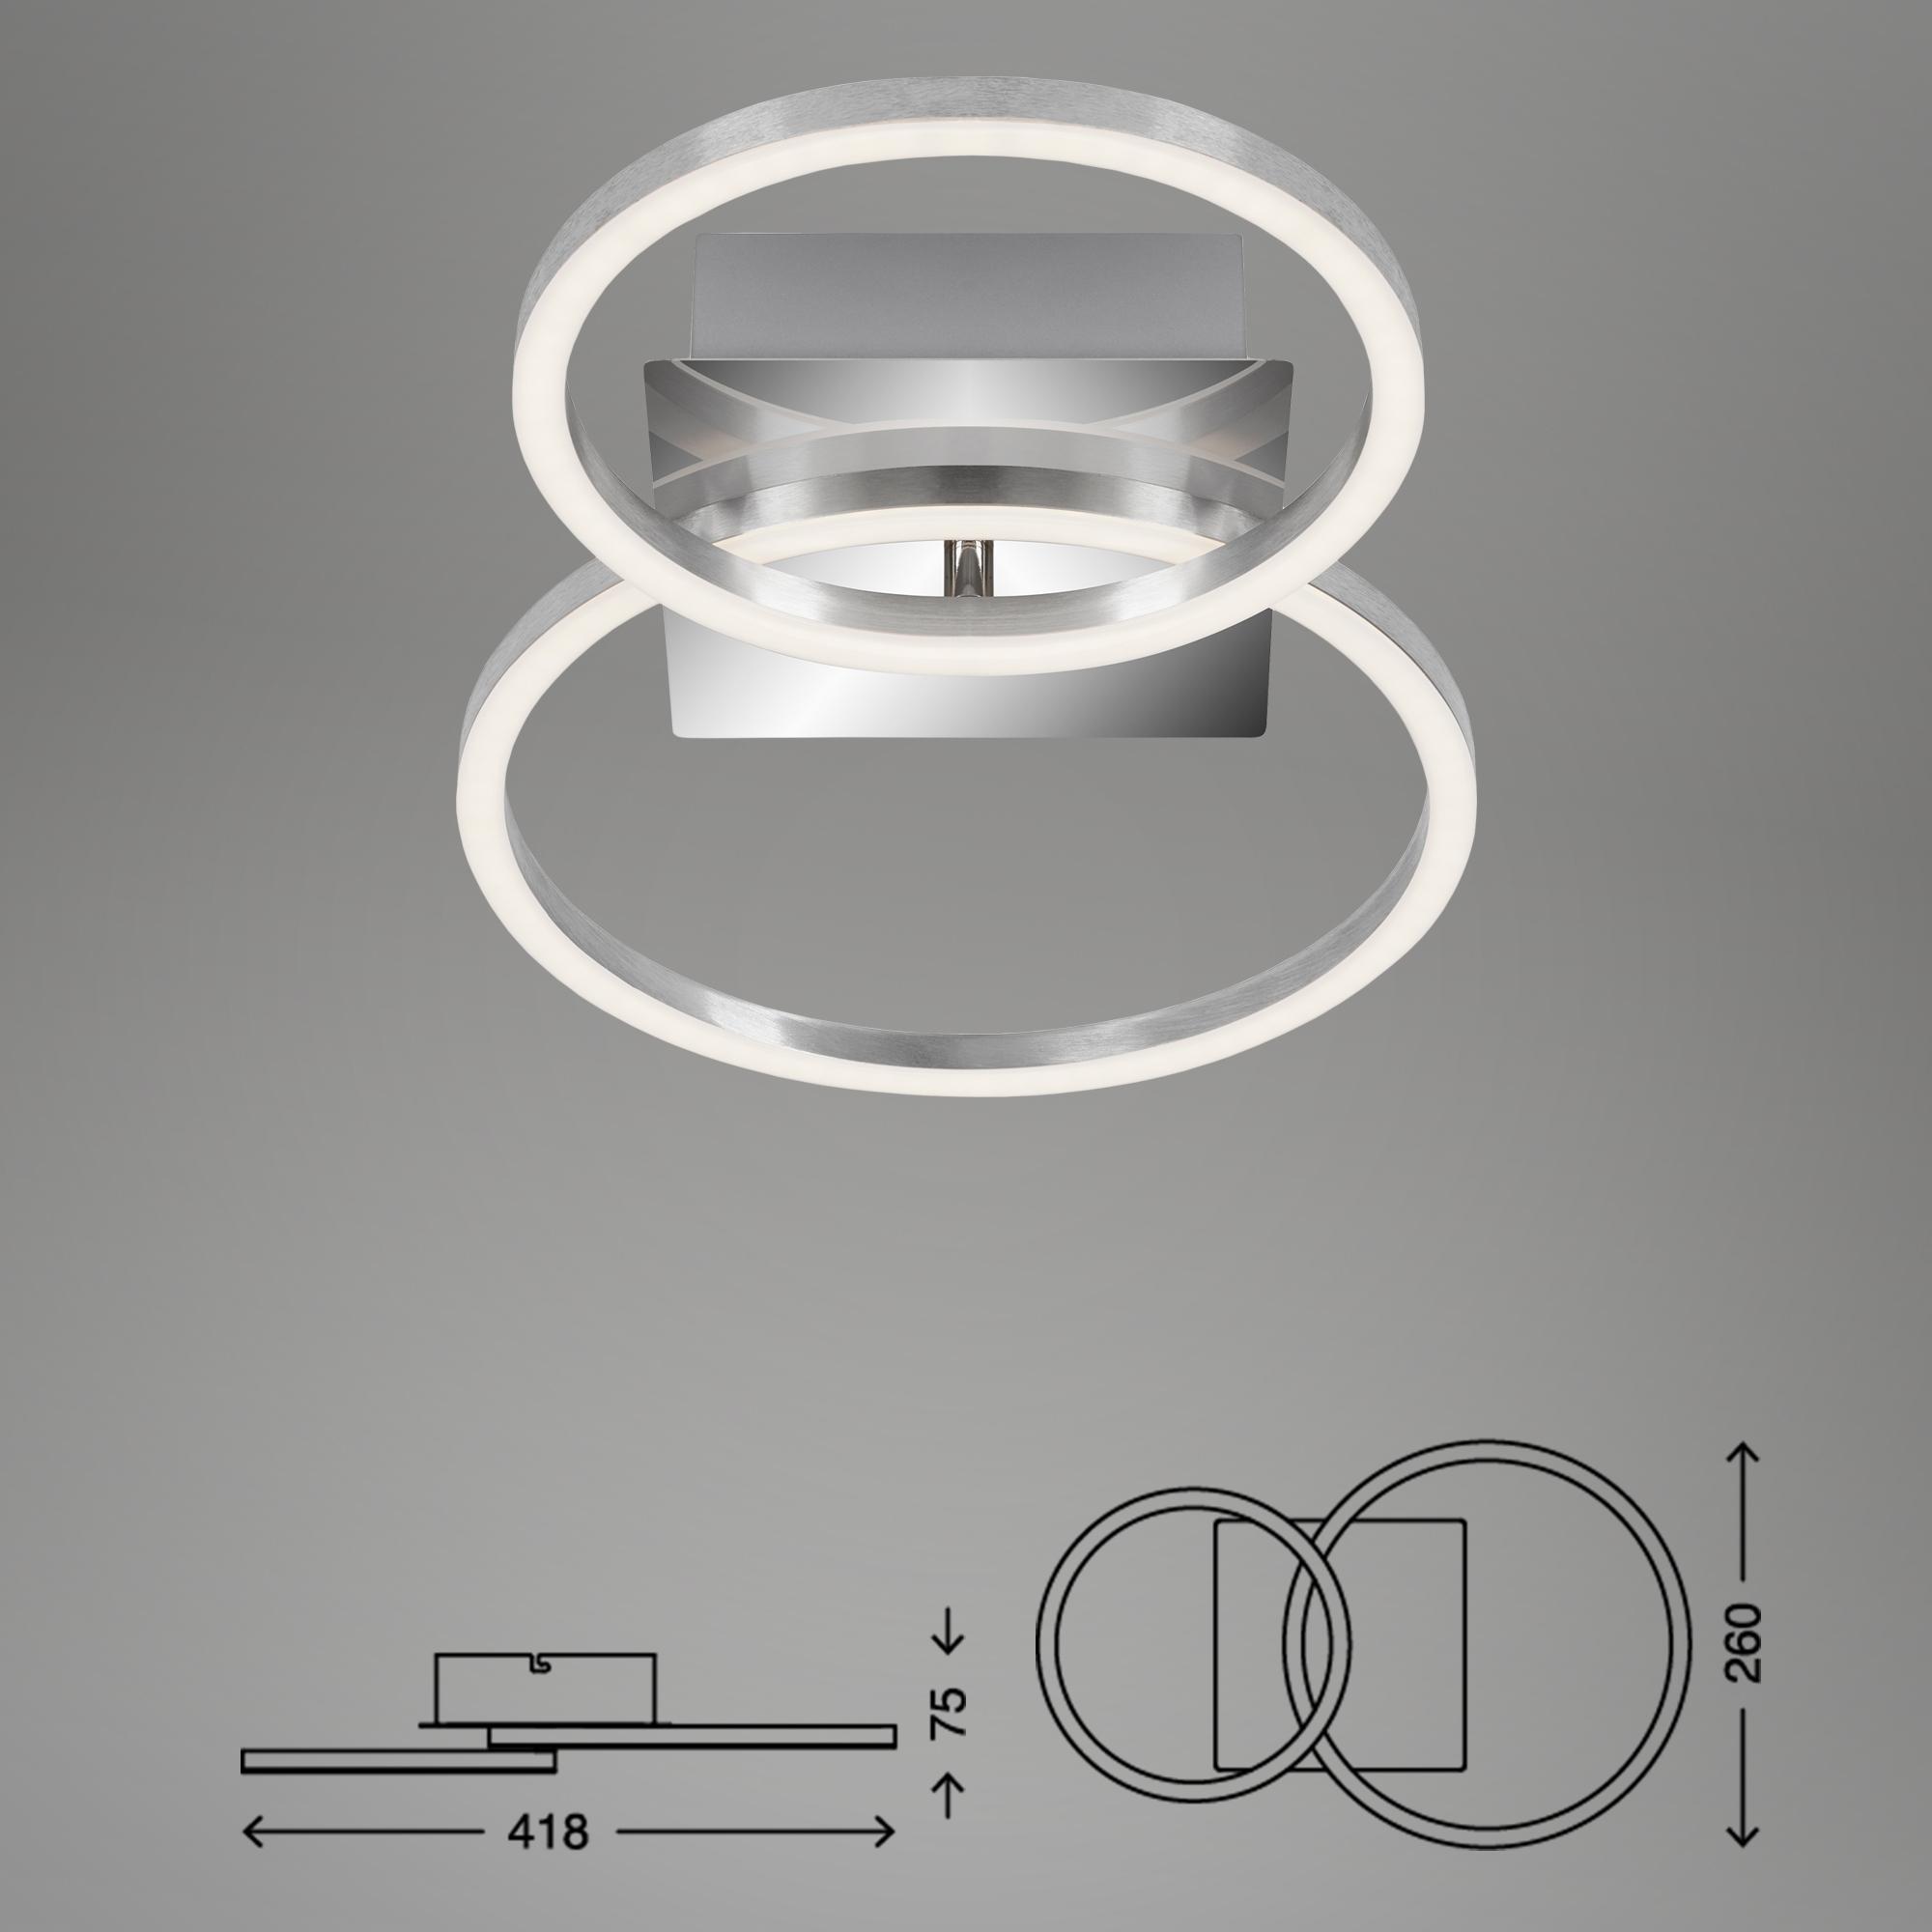 LED Deckenleuchte, 41,8 cm, 16 W, Alu-Chrom